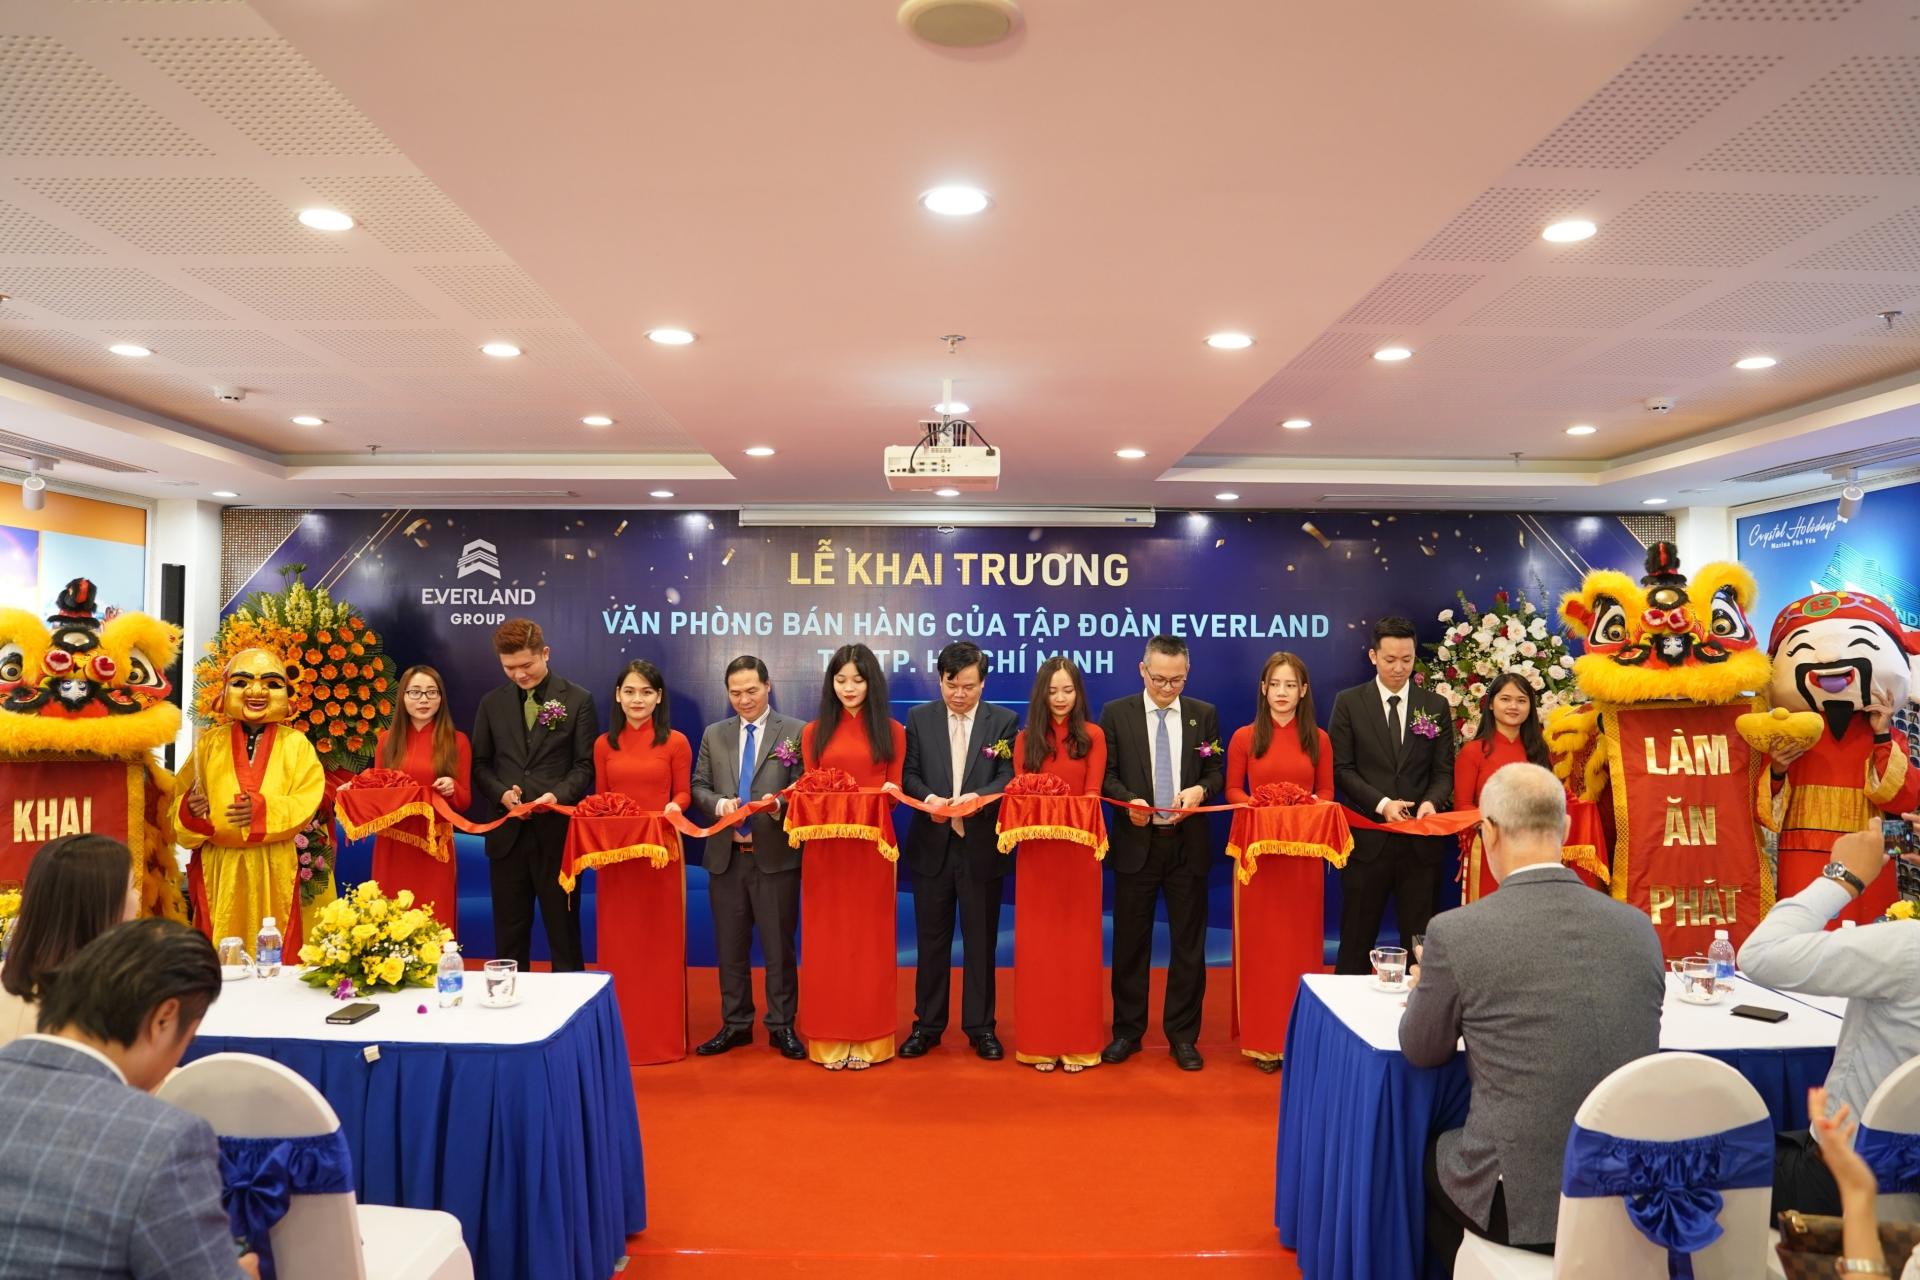 Tập đoàn Everland khai trương Văn phòng bán hàng tại Thành phố Hồ Chí Minh